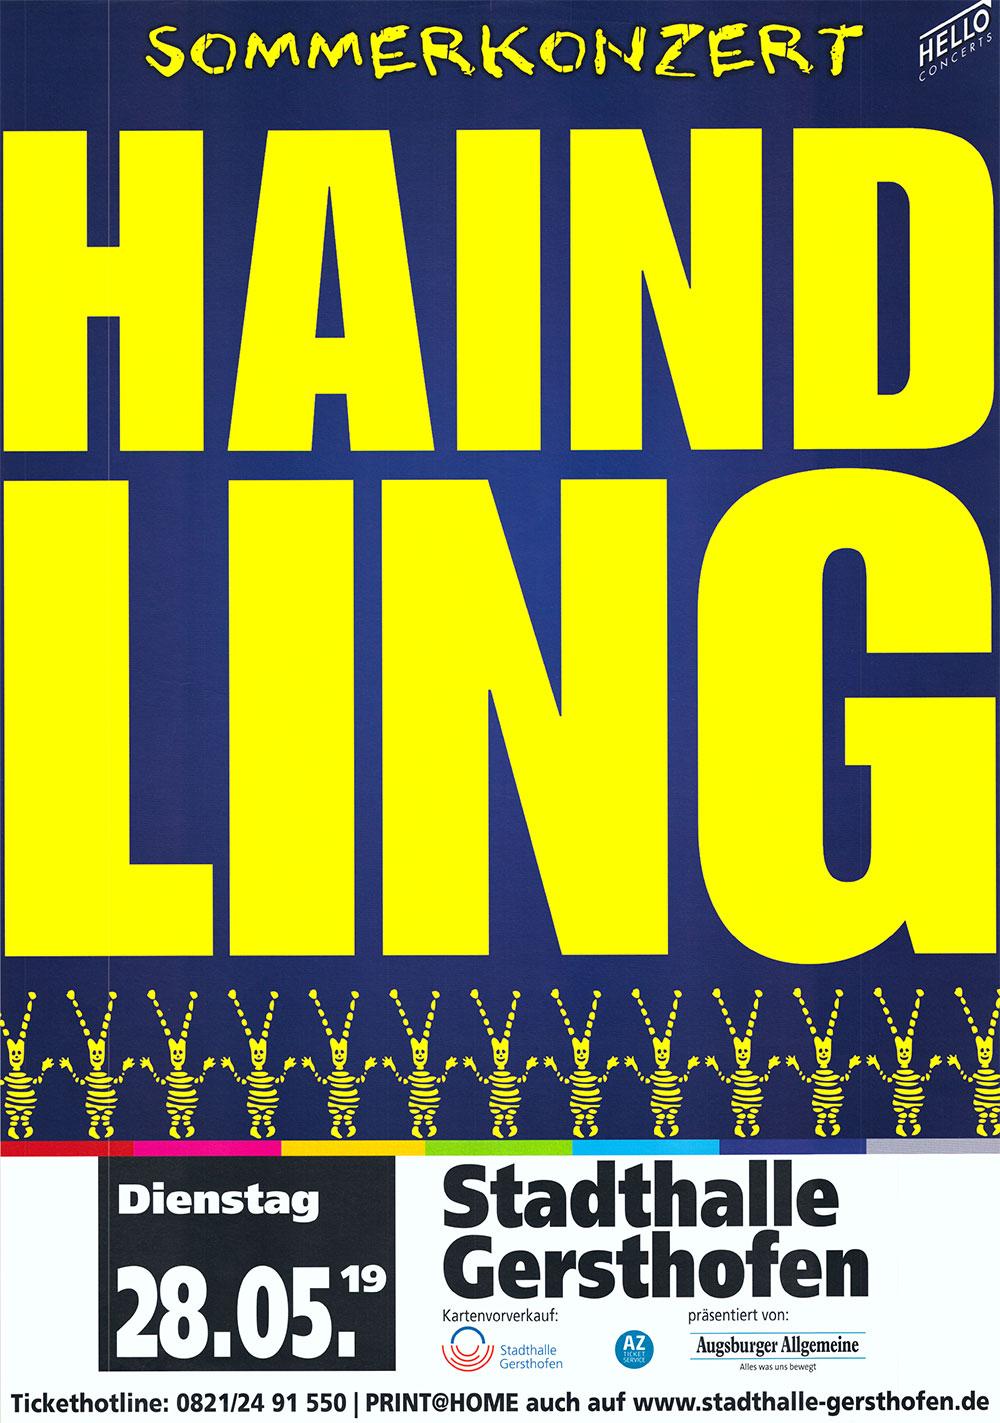 Bei Haindling kann man voller Überzeugung sagen, dass sie die Stadthalle Gersthofen